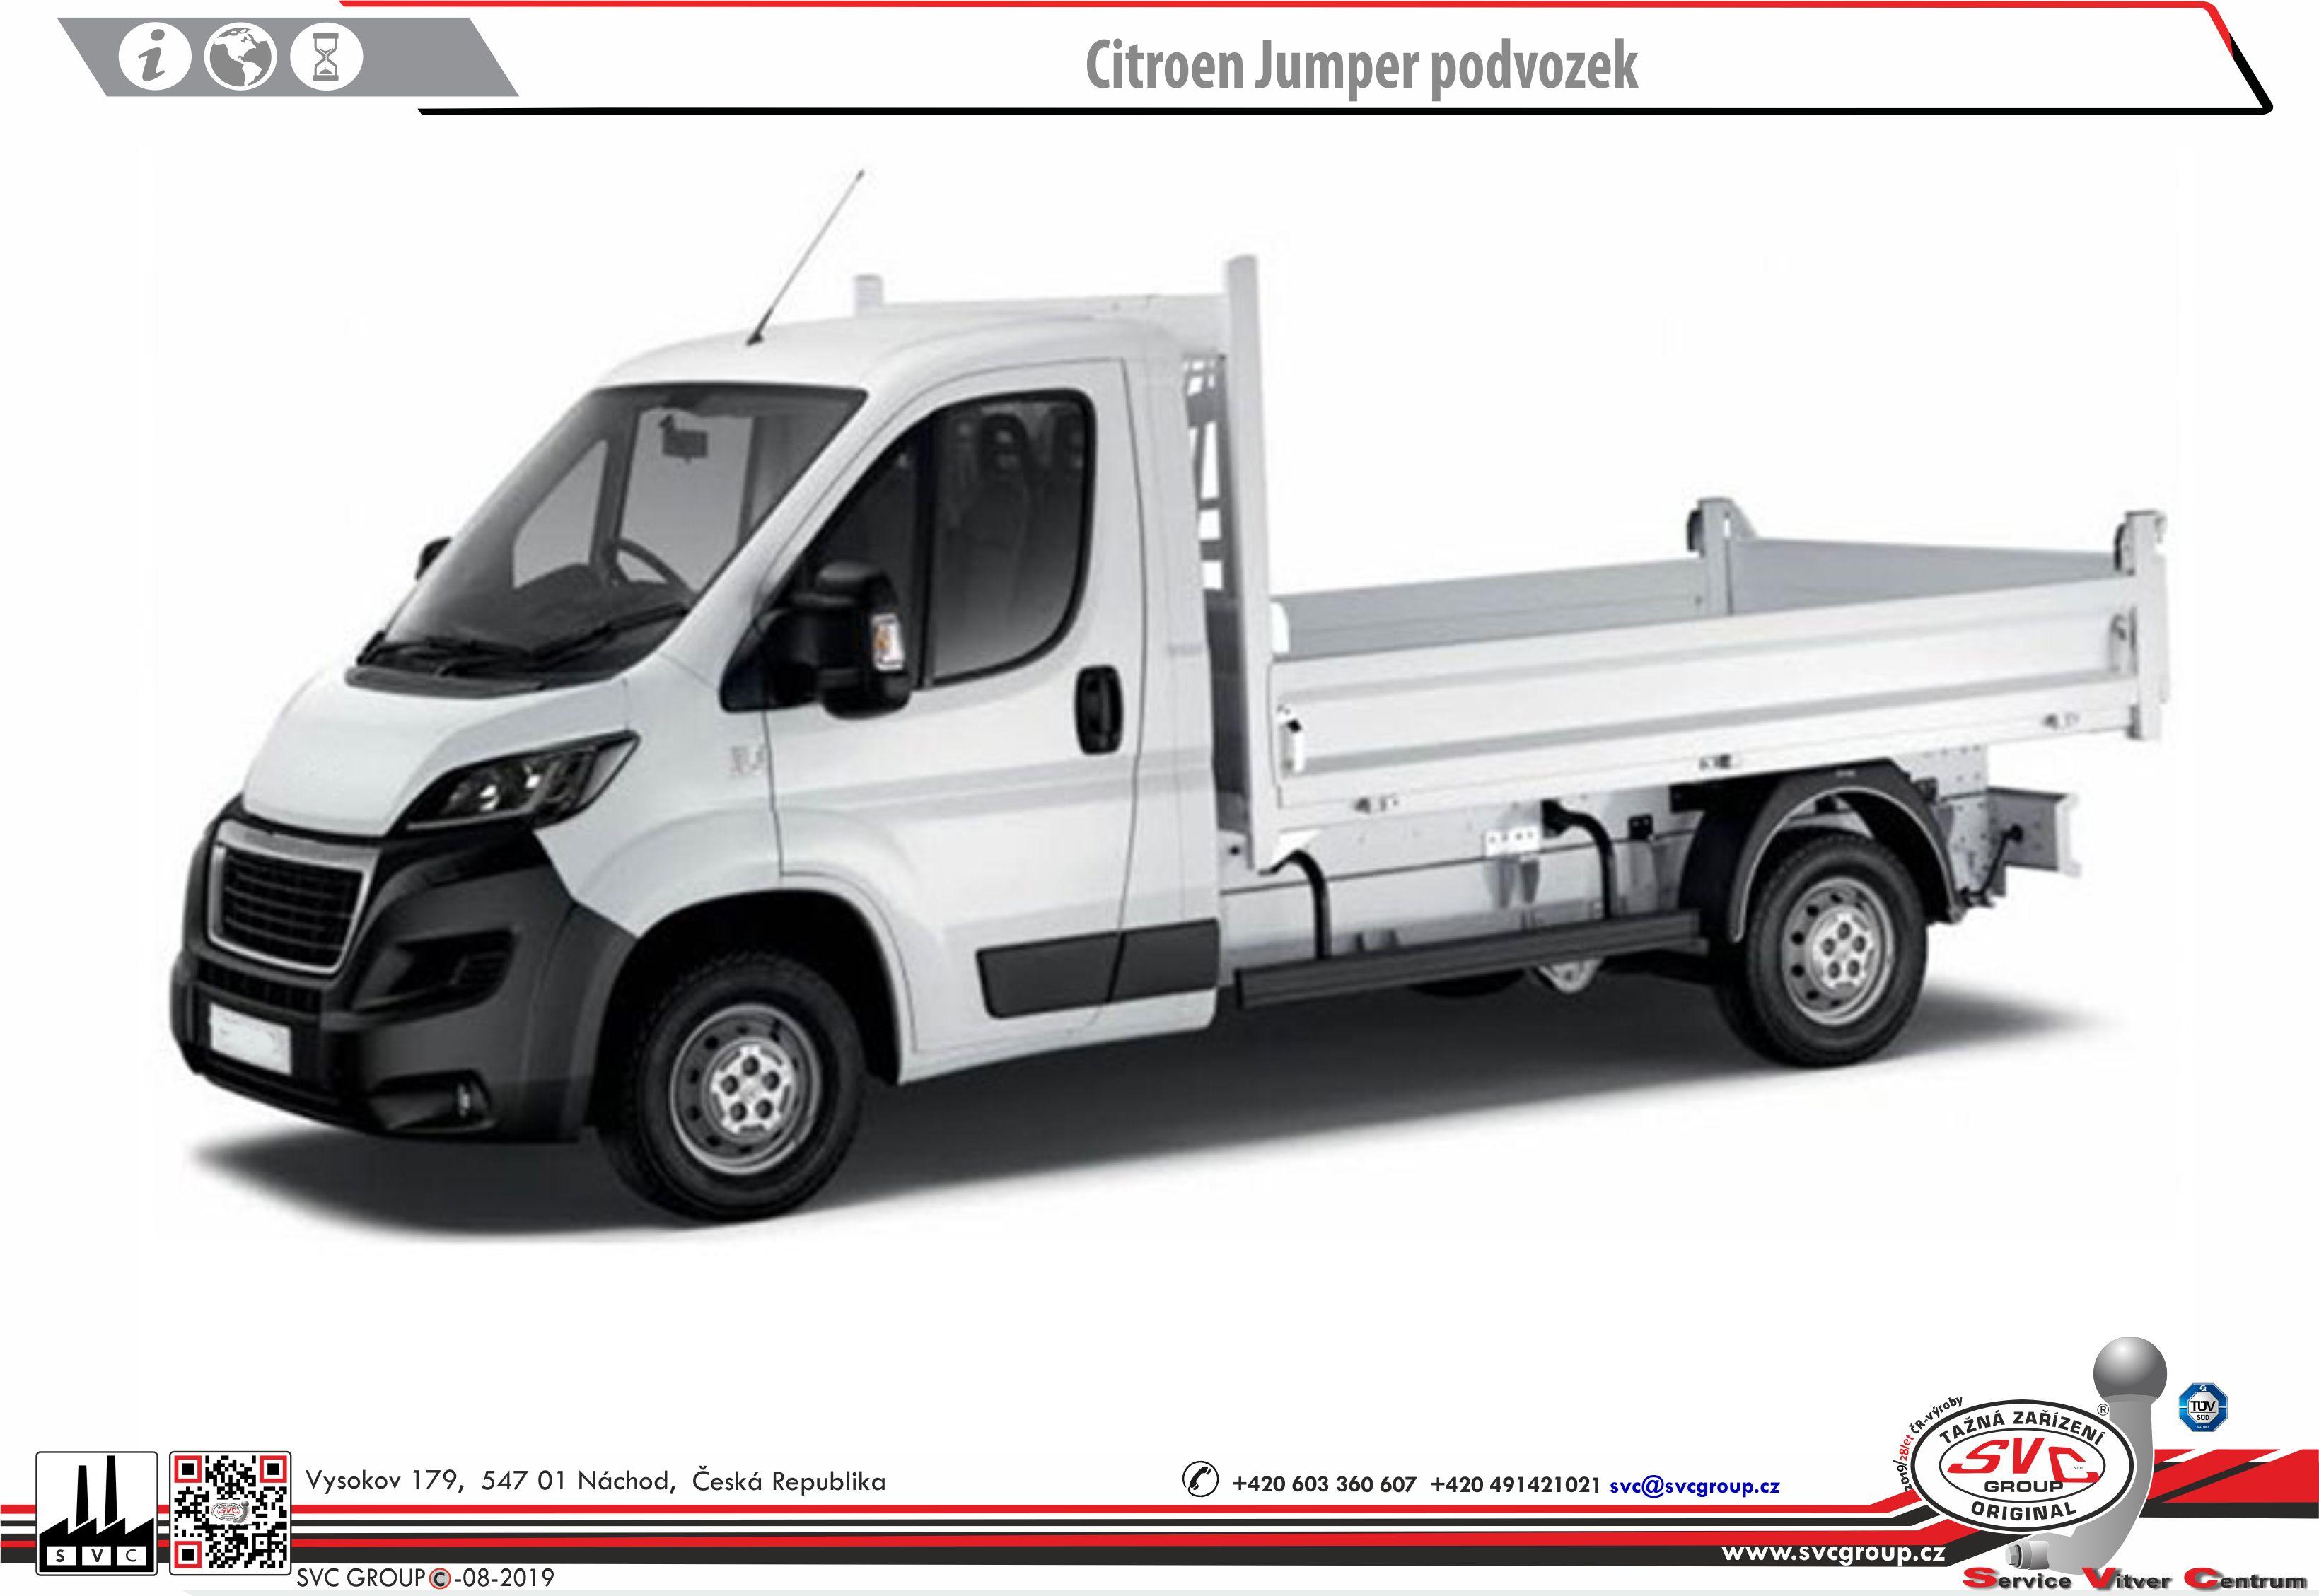 Citroën Jumper Valník / Podvozek